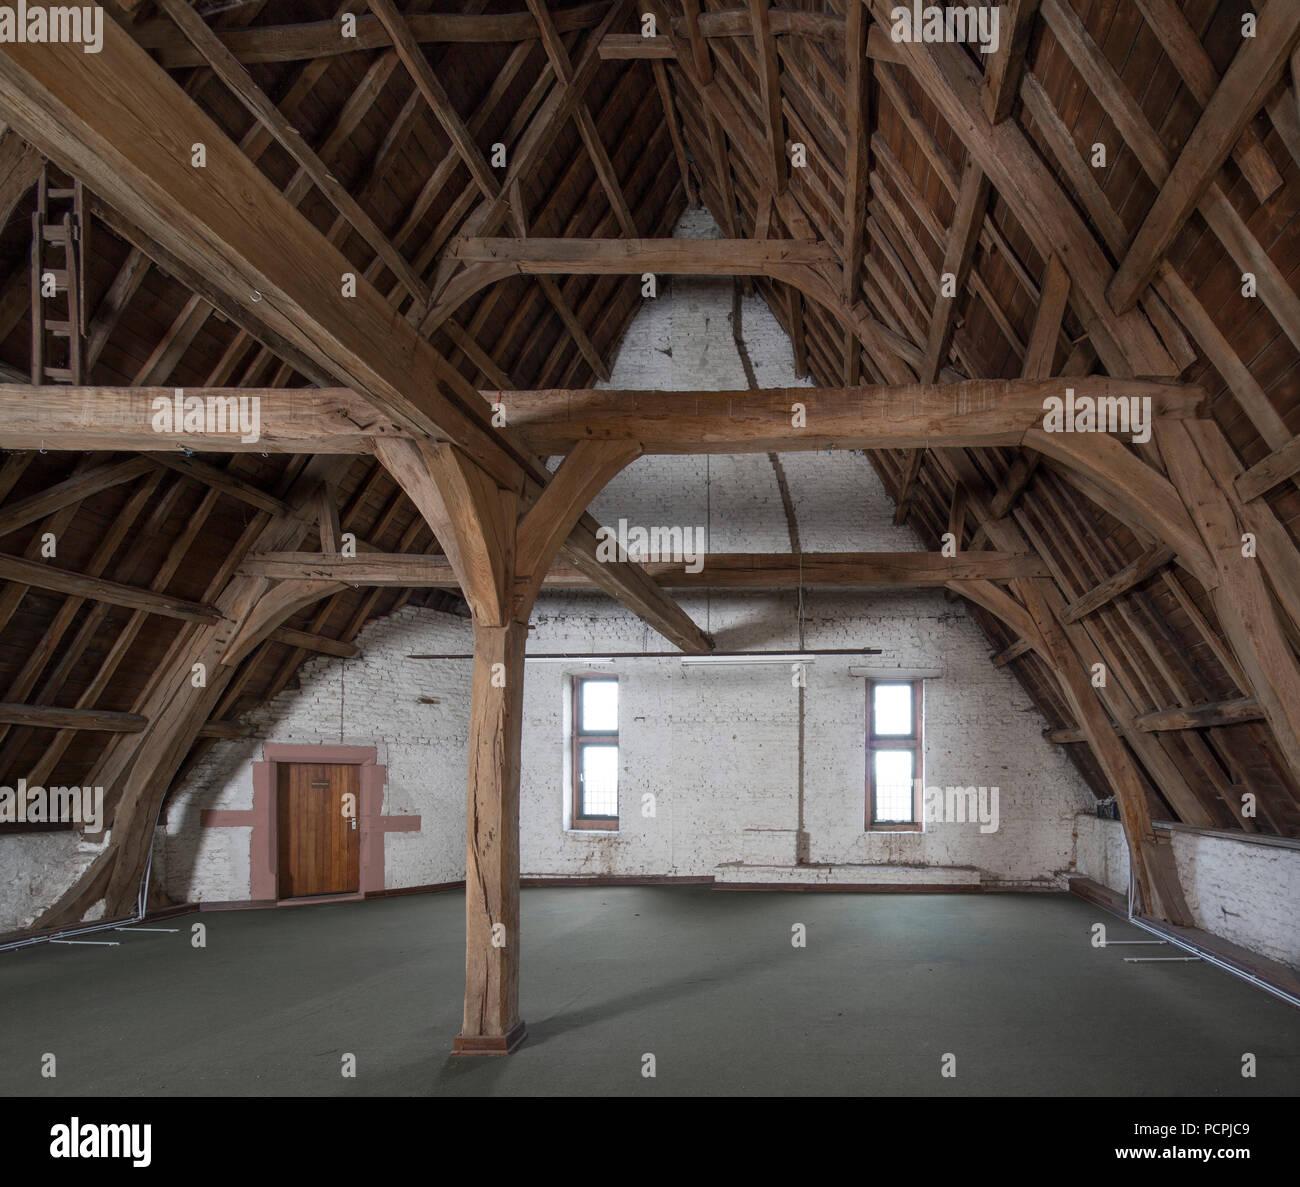 dachstuhl photos & dachstuhl images - alamy